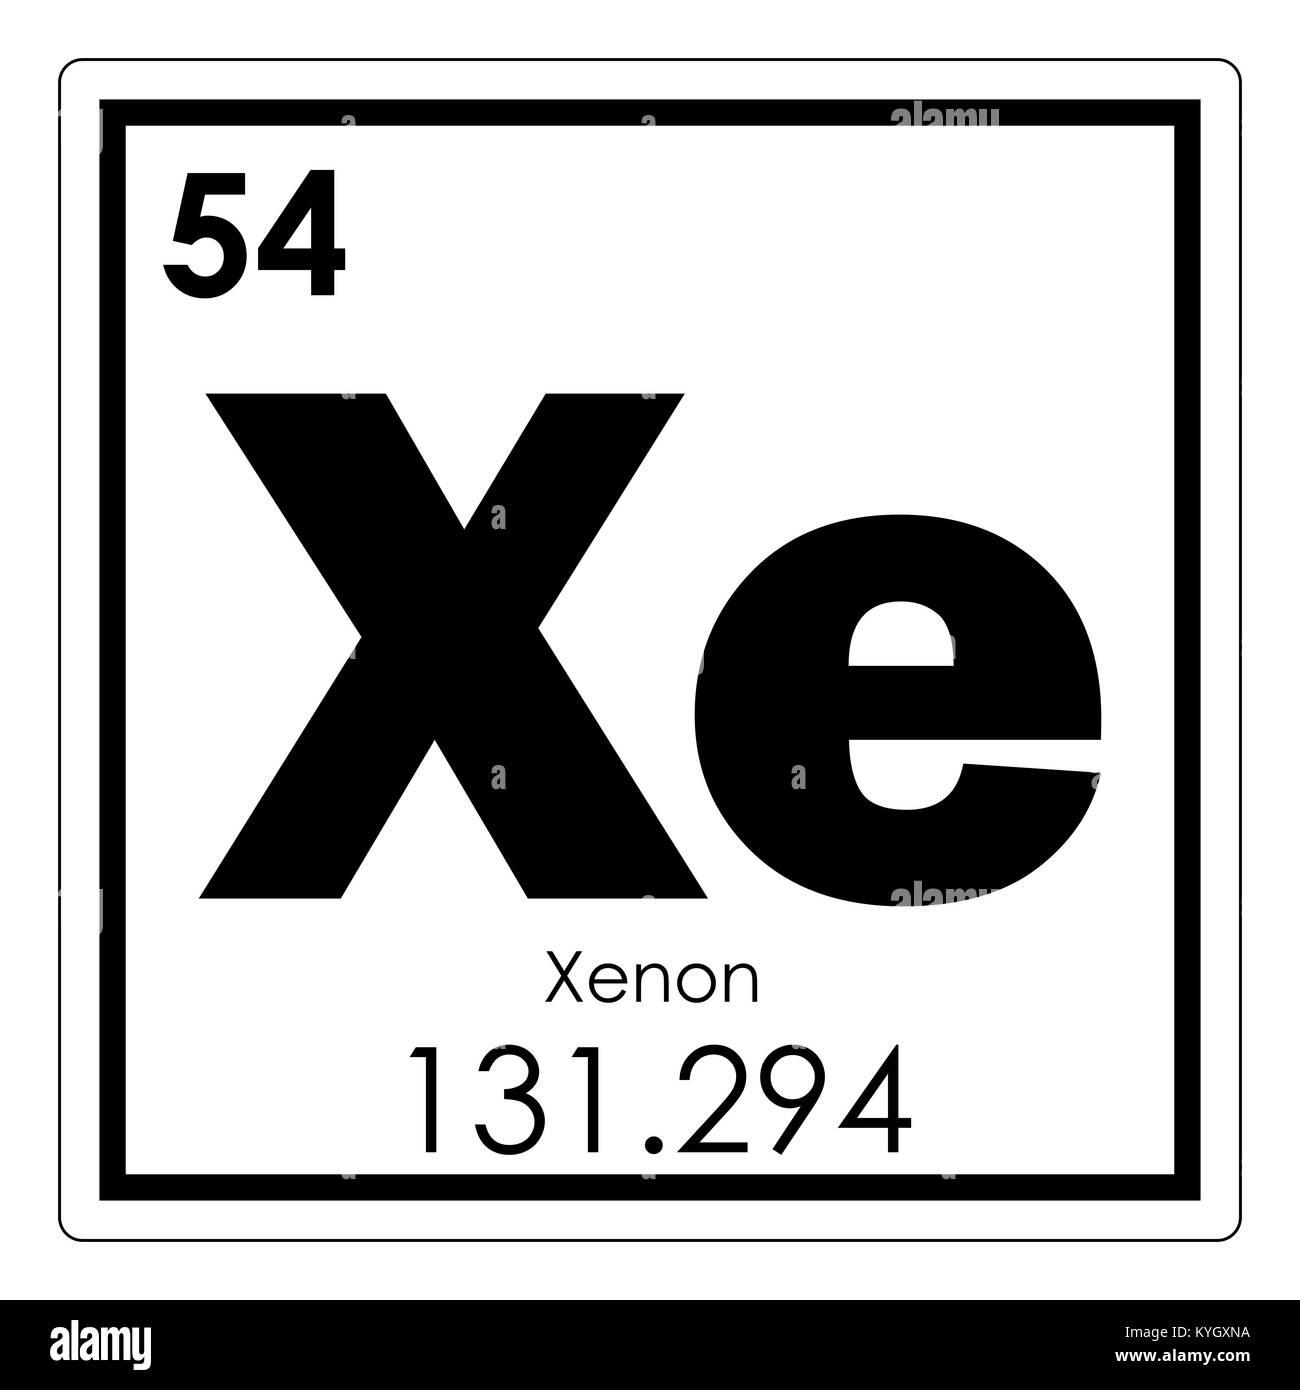 Tabla peridica de elementos qumicos de xenn smbolo de ciencia tabla peridica de elementos qumicos de xenn smbolo de ciencia urtaz Images